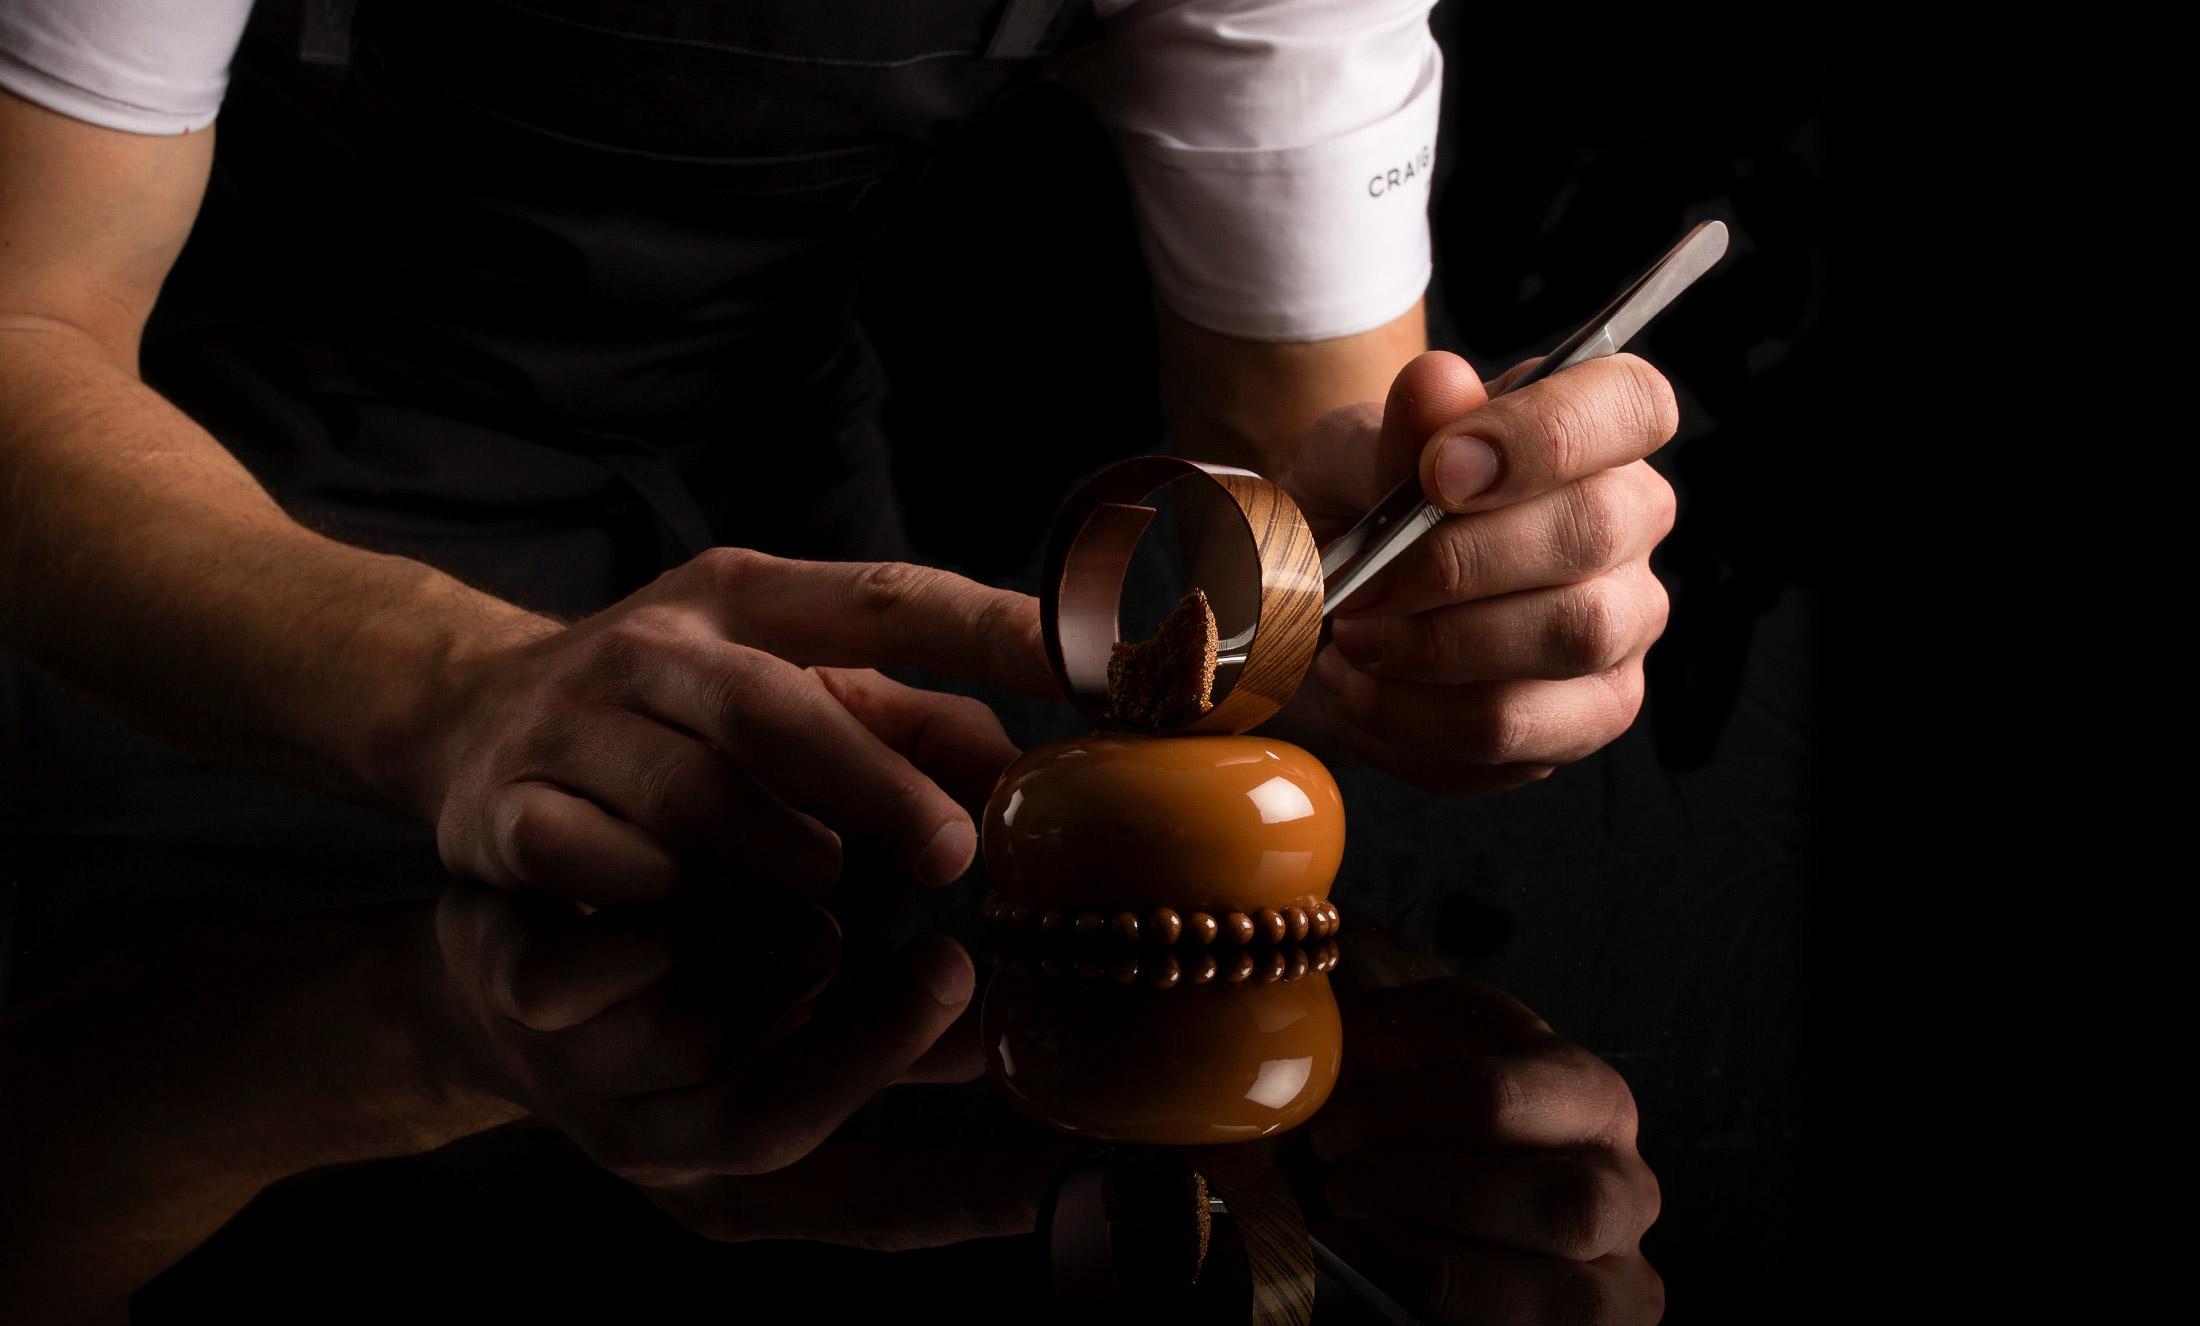 Craig Alibone Chocolate 品牌推广插图(18)